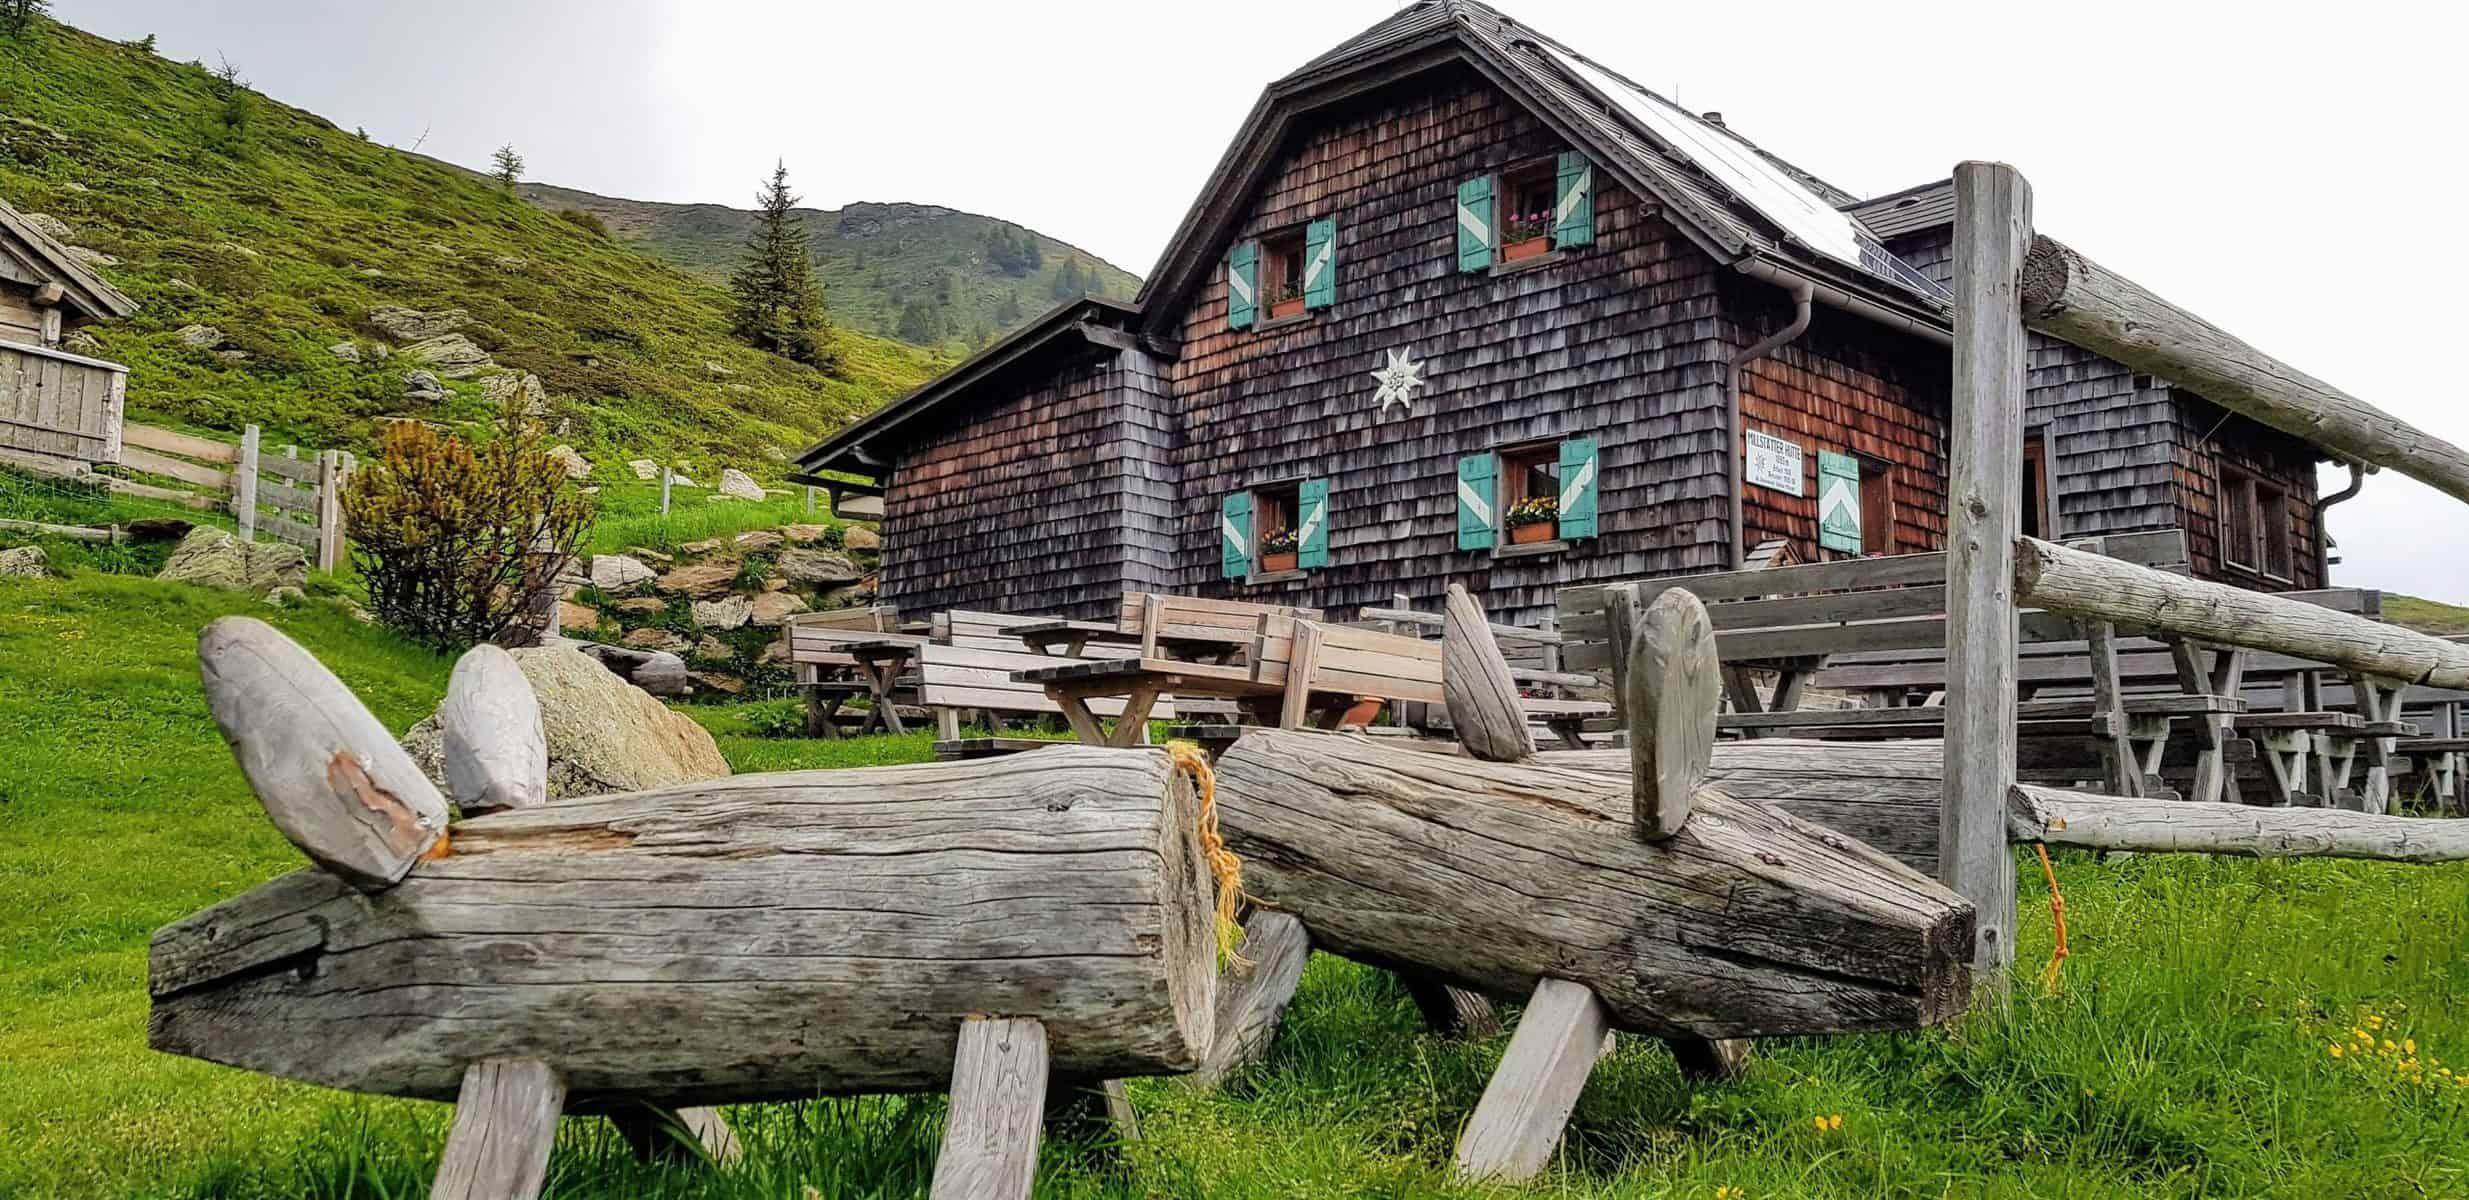 Kinderspielplatz bei Hütte auf der Millstätter Alm bei Familienwanderung auf den Kamplnock